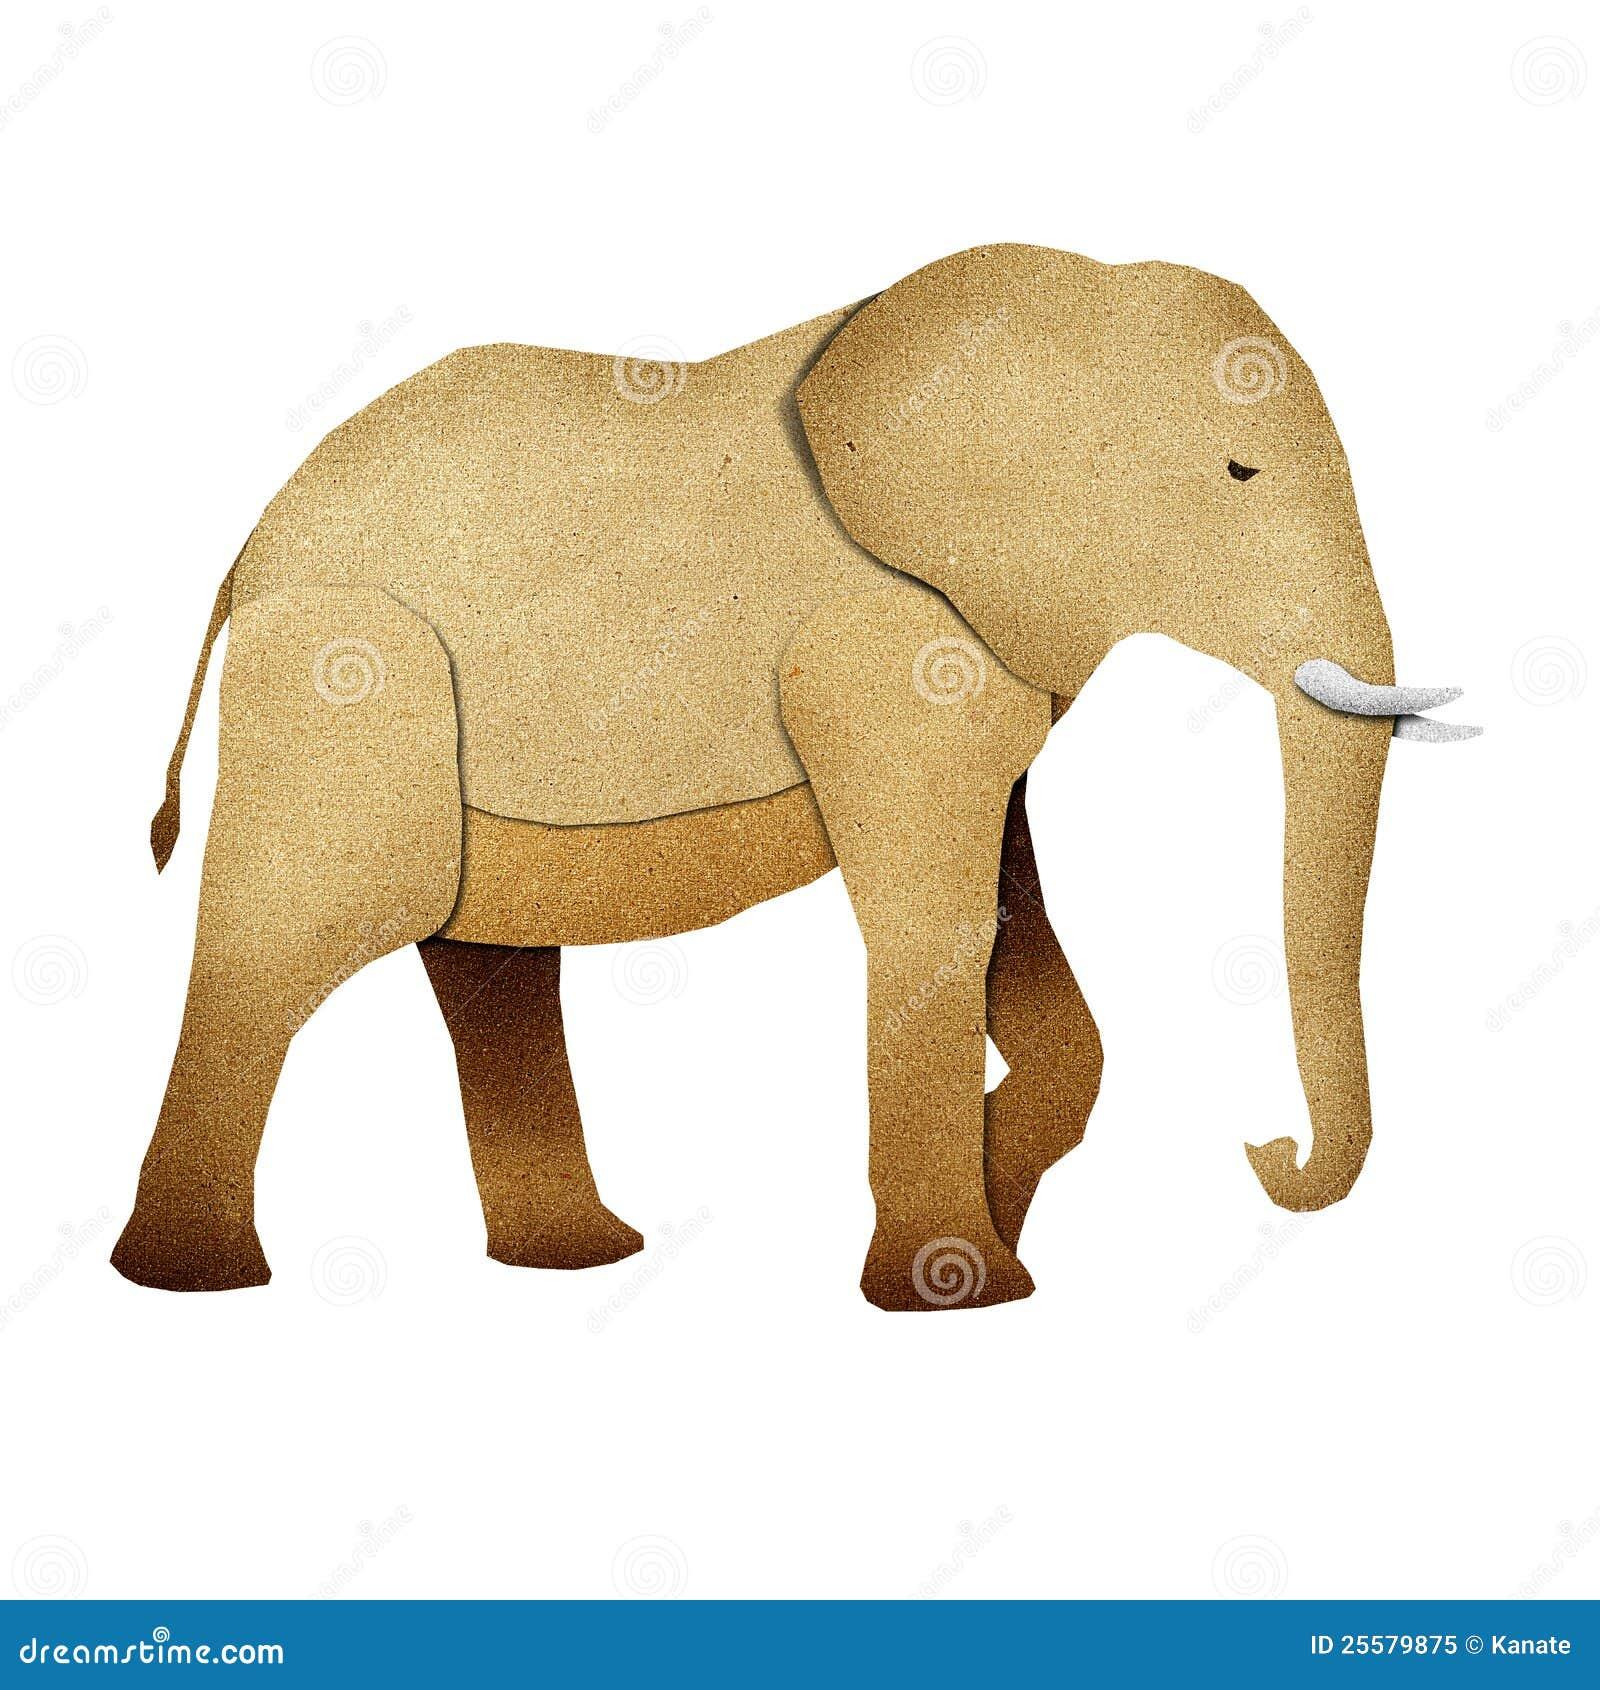 Essay on an elephant